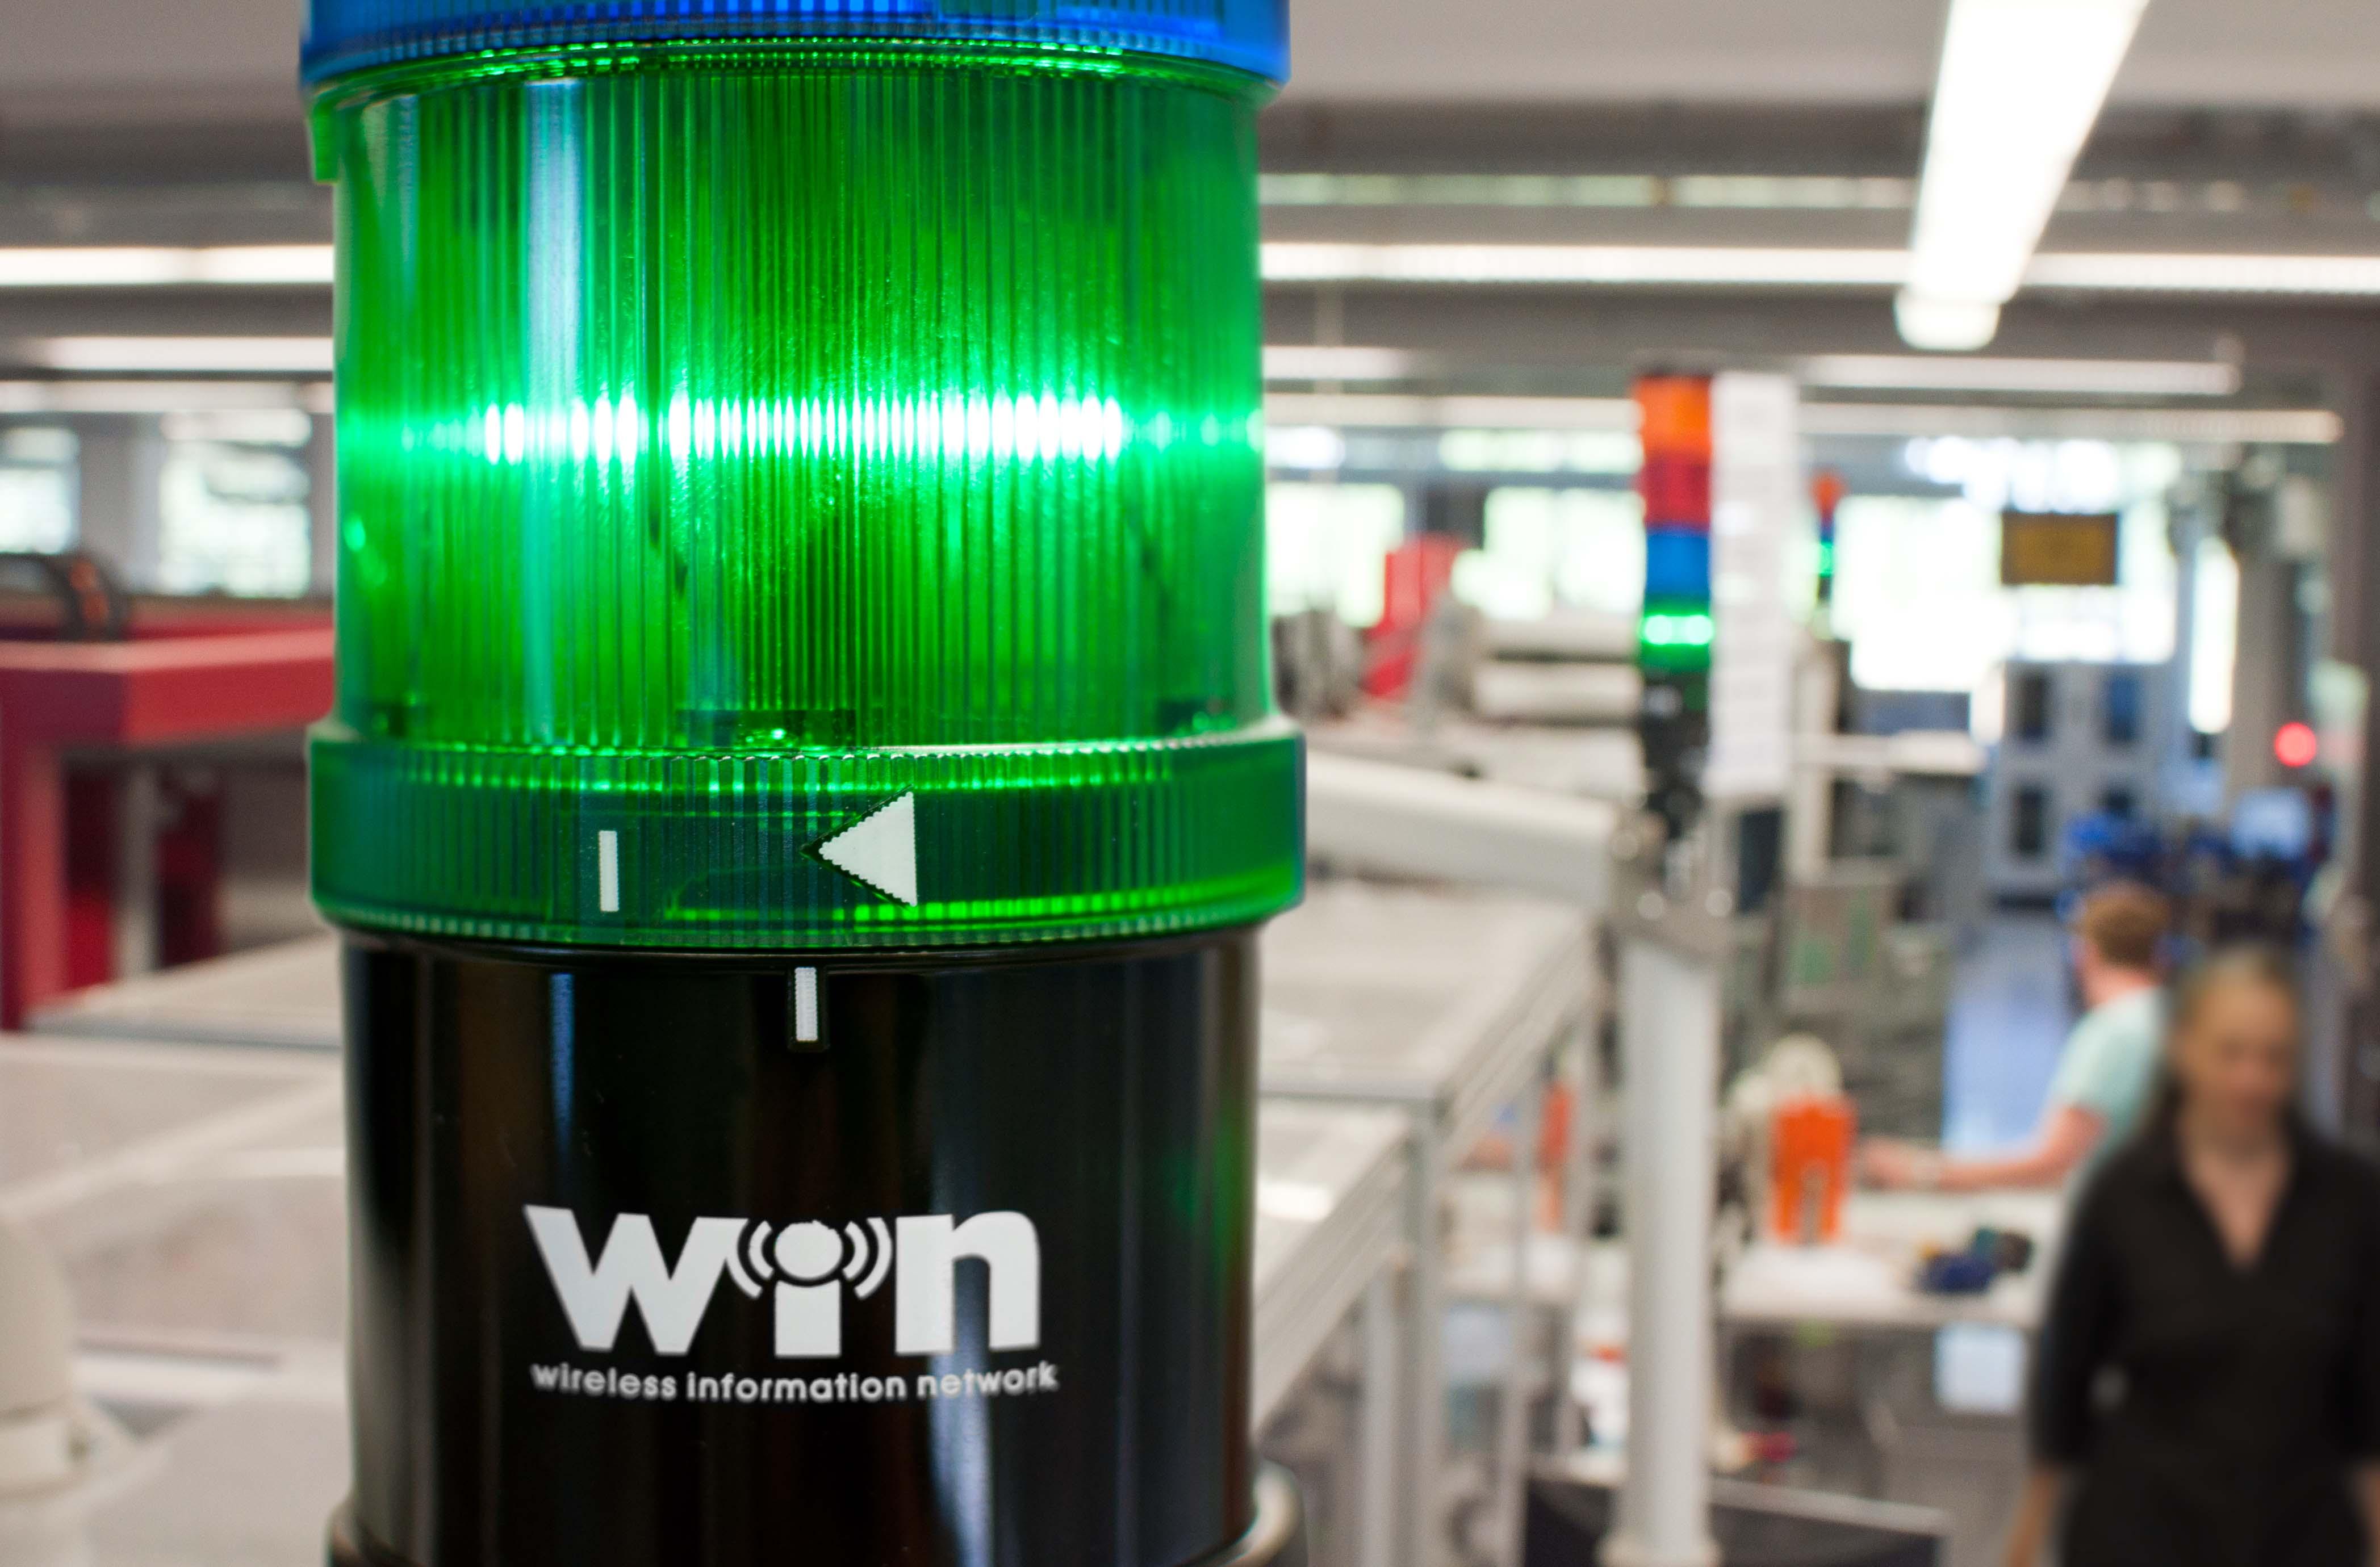 Sonnig Mini Gas Leck Tester Mit Sound Und Licht Alarm Brennbaren Gas Konzentration Display Detektor Gas Analysatoren